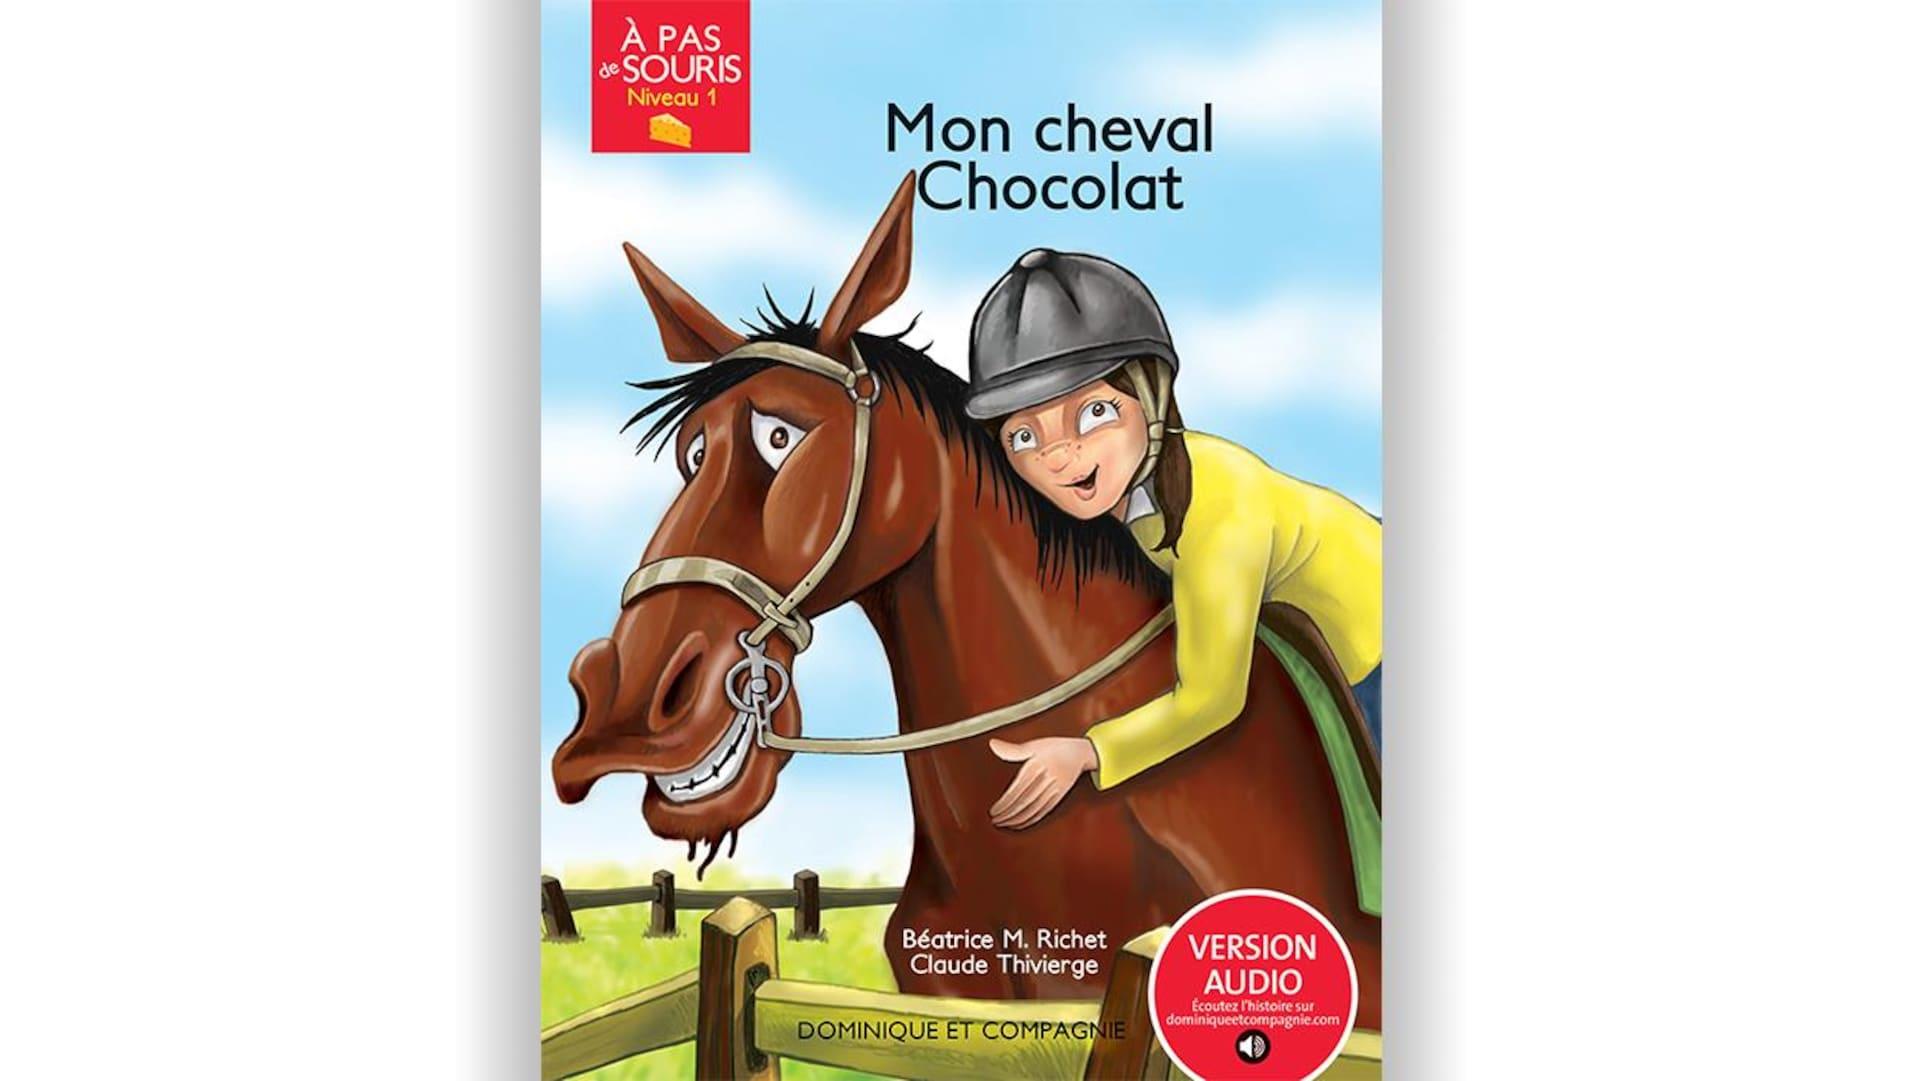 Page couverture du livre Mon cheval Chocolat.